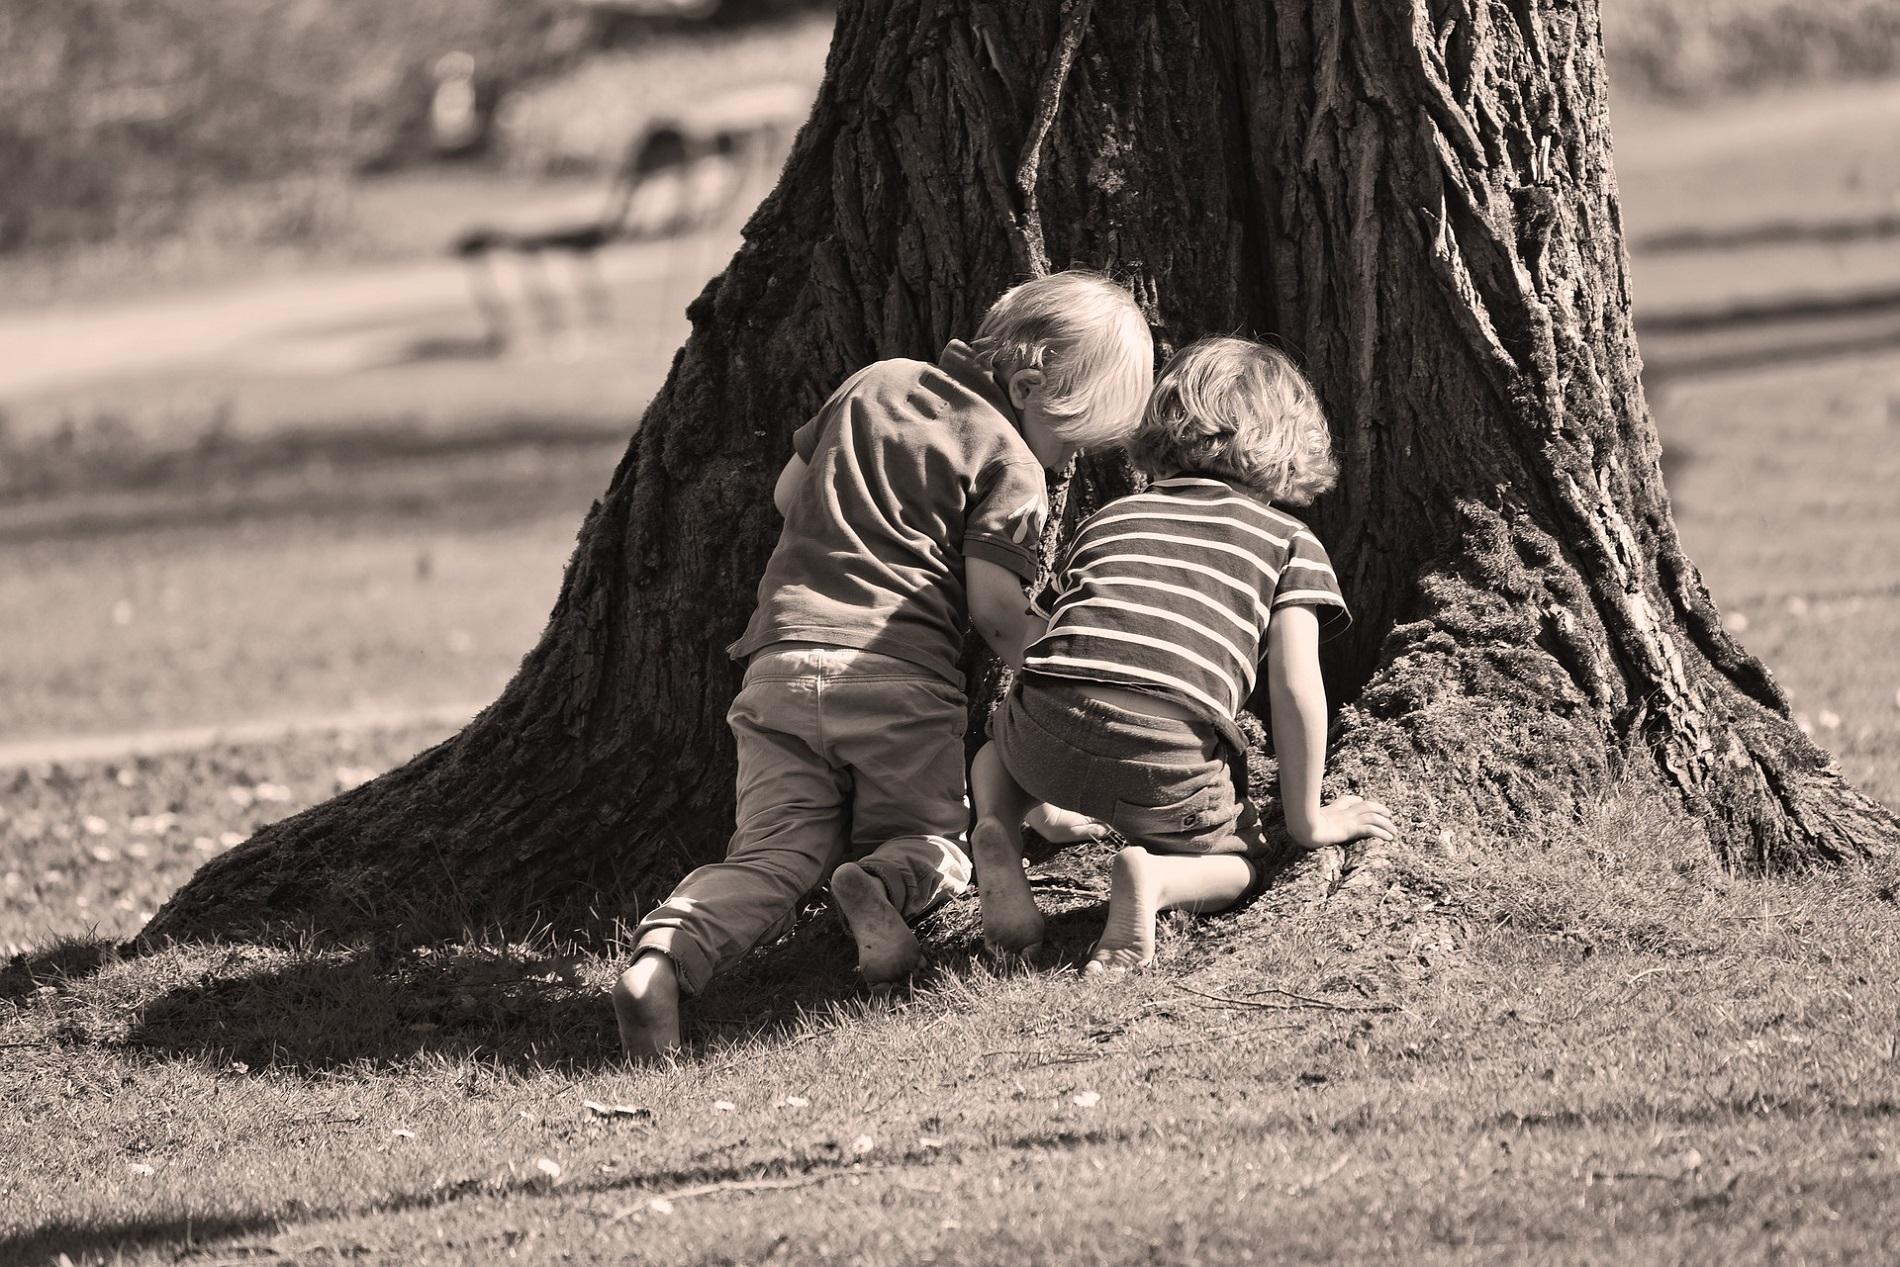 Lapsuuden syöpä voi vaikuttaa myöhemmin mielenterveyteen ja sosiaaliseen elämään